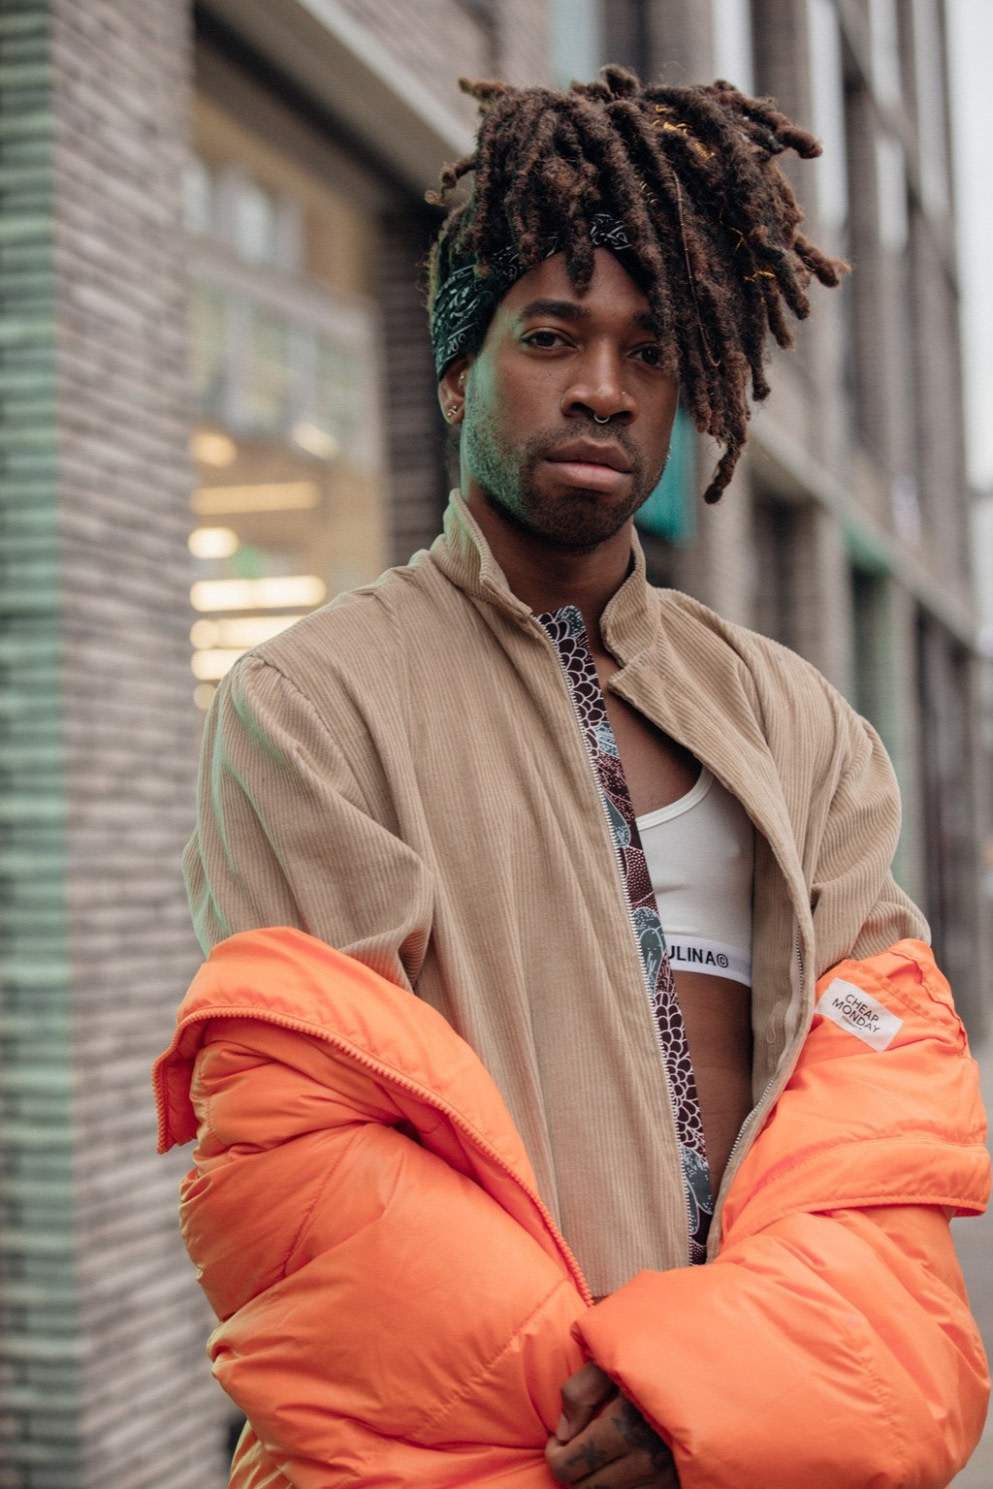 Die Besten Männerfrisuren - Street Styles Bei Vogue  Vogue Germany - Frisuren Für Männer Mit Langem Gesicht